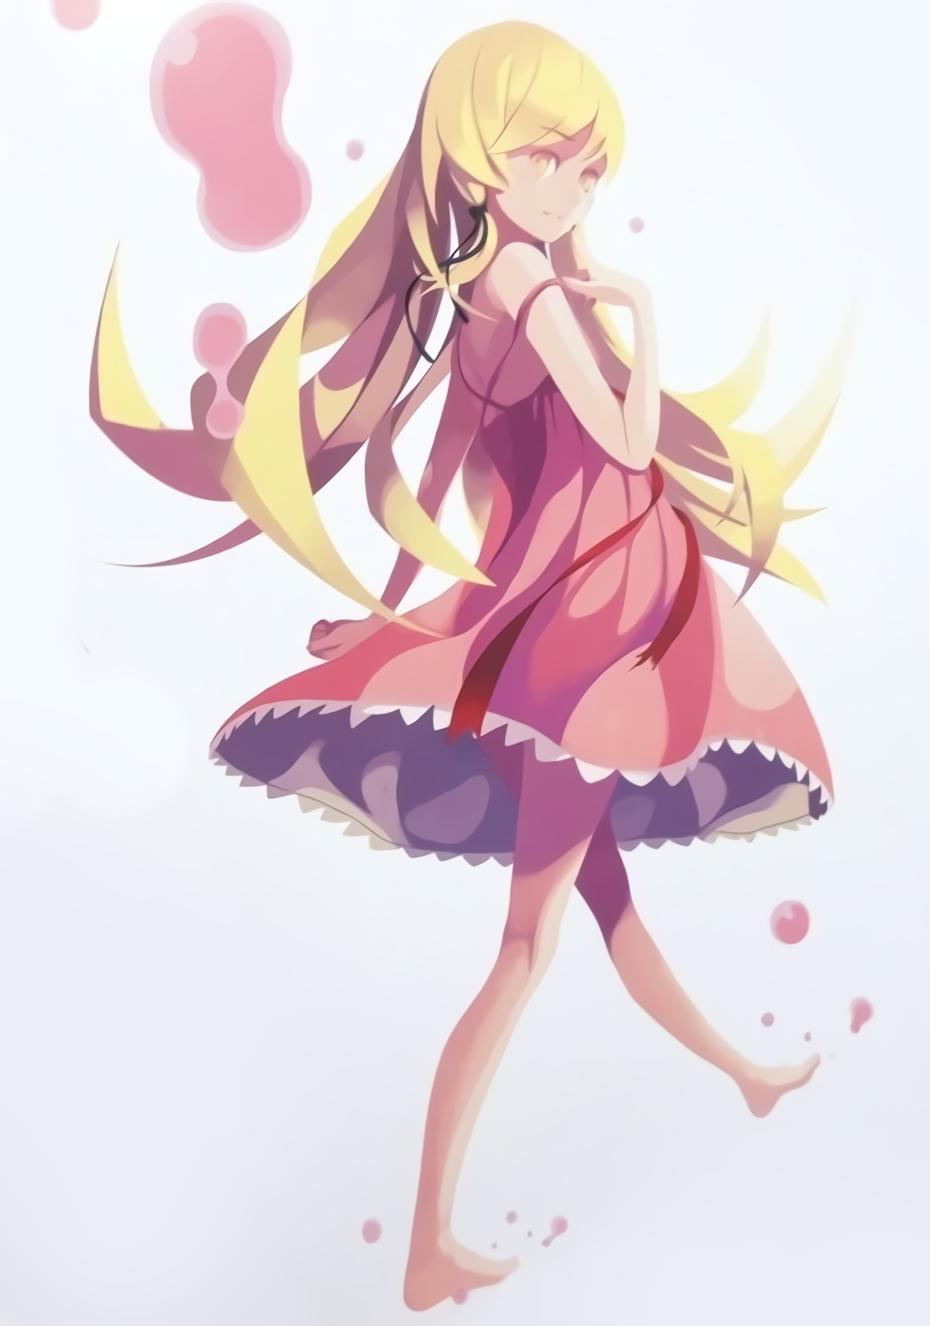 Shinobu Monogatari Series 芸術的アニメ少女 イラスト 物語シリーズ